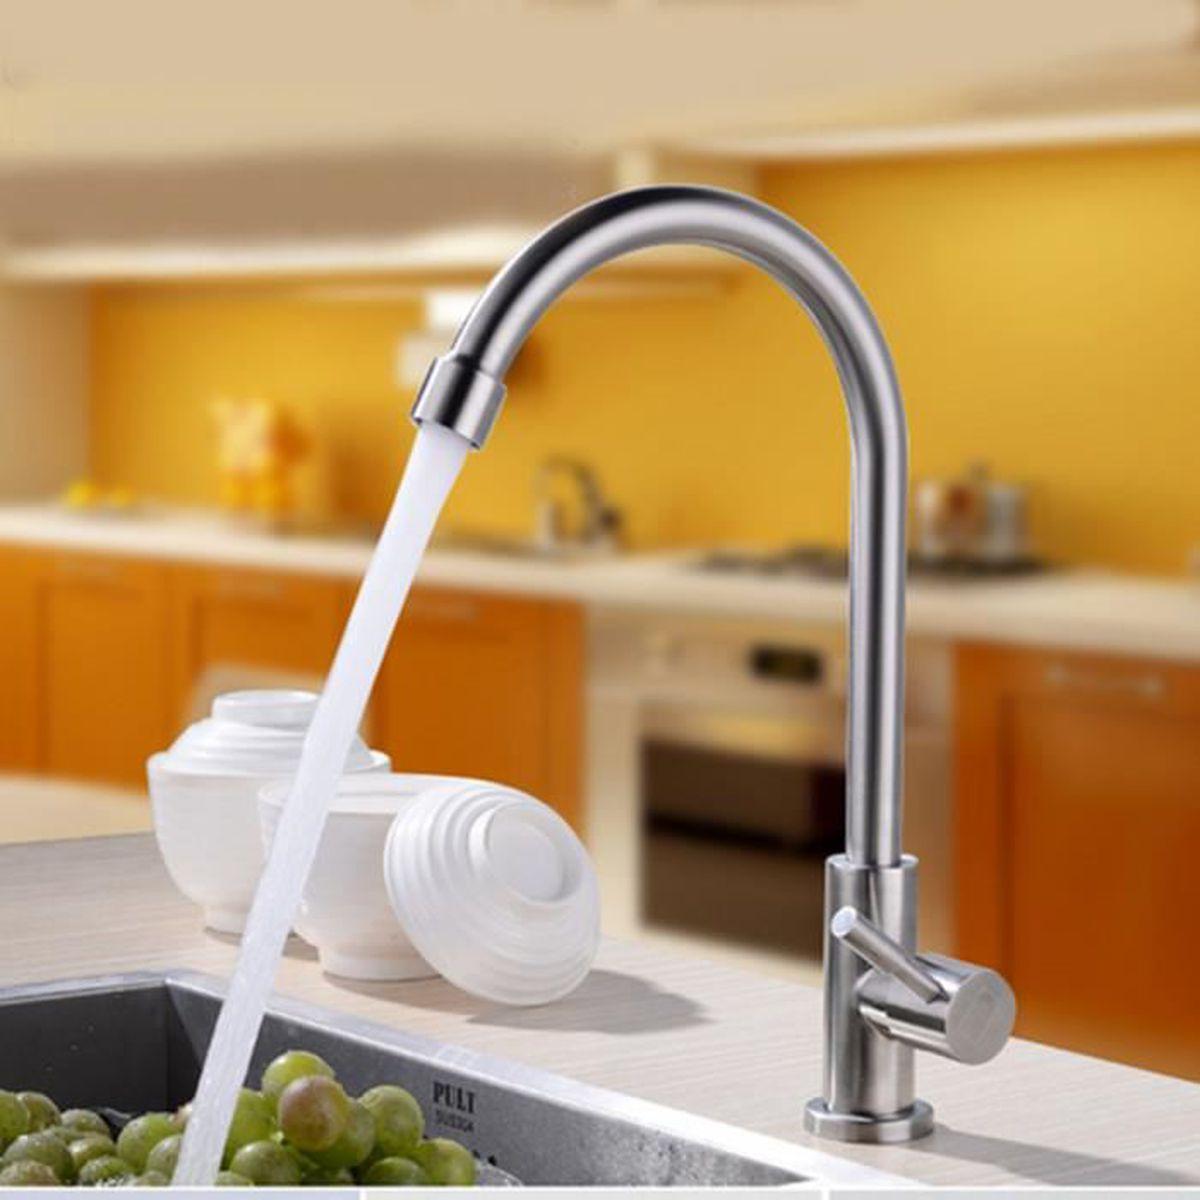 Robinet d/évier de cuisine pivotant /à 360/° moderne chaud et froid en laiton avec poign/ée unique en laiton antique robinet de cuisine /à installation facile